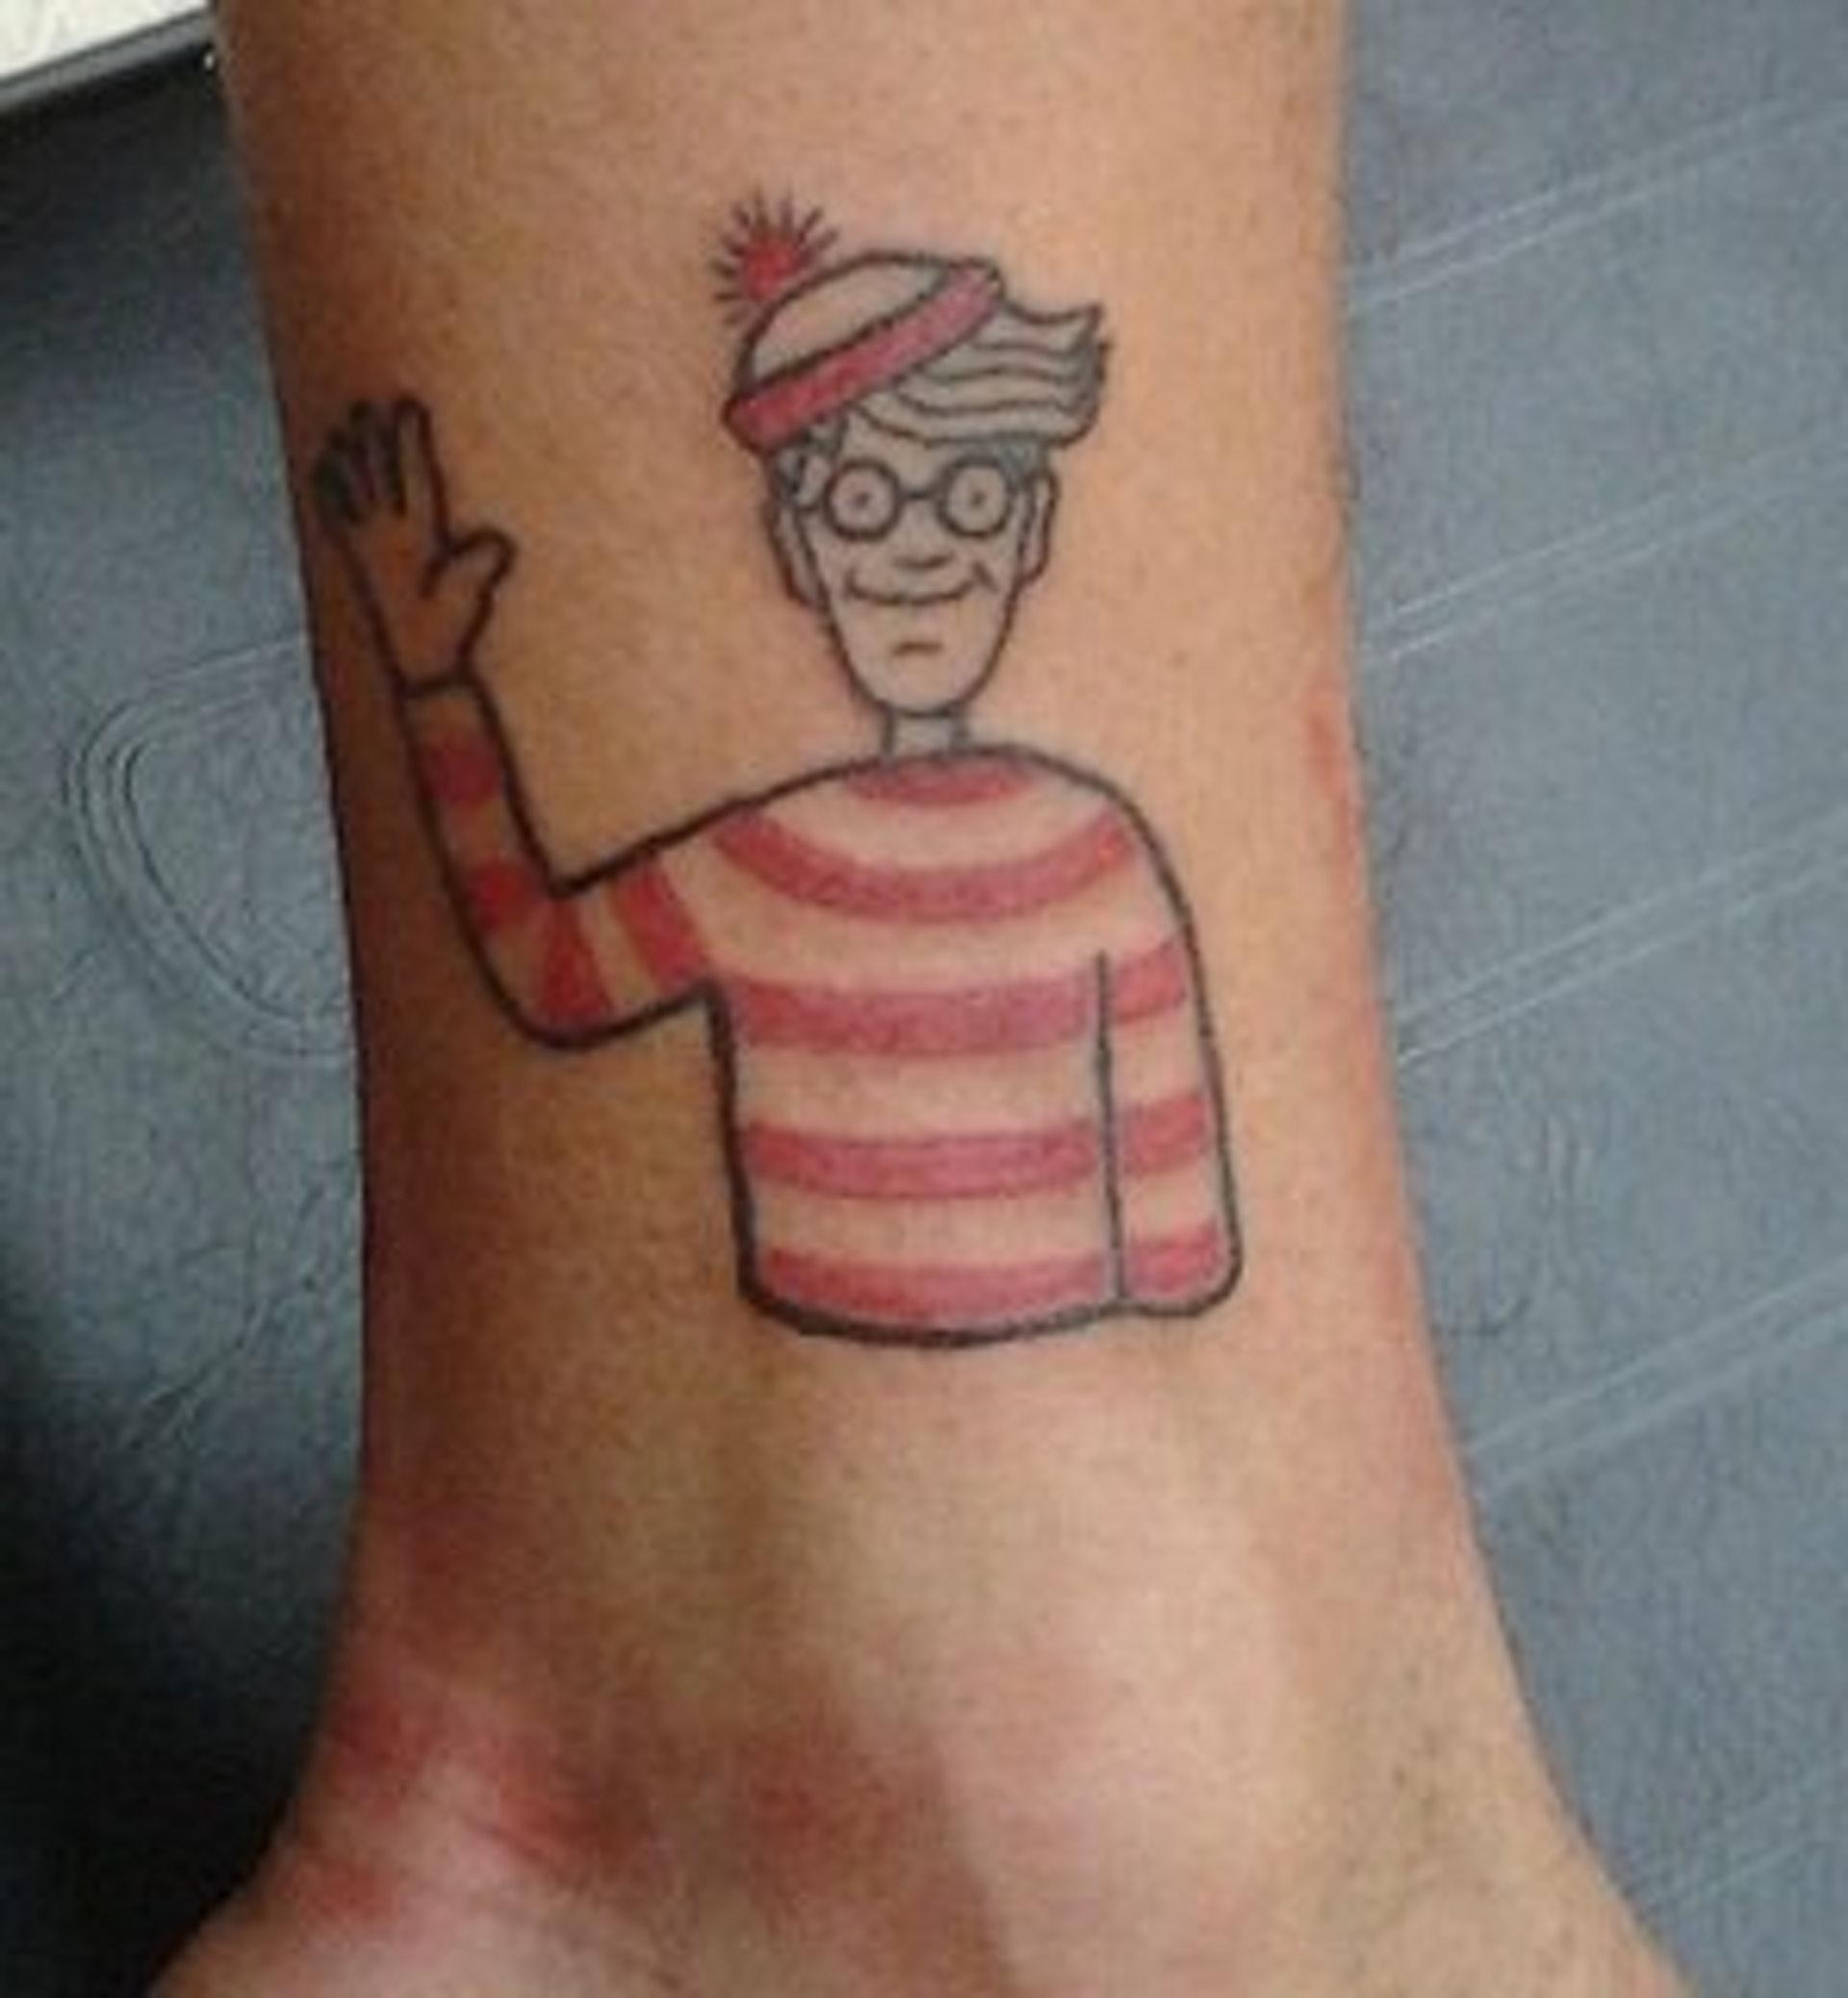 威利粉丝甚至将主角纹在身上。 (网上图片)